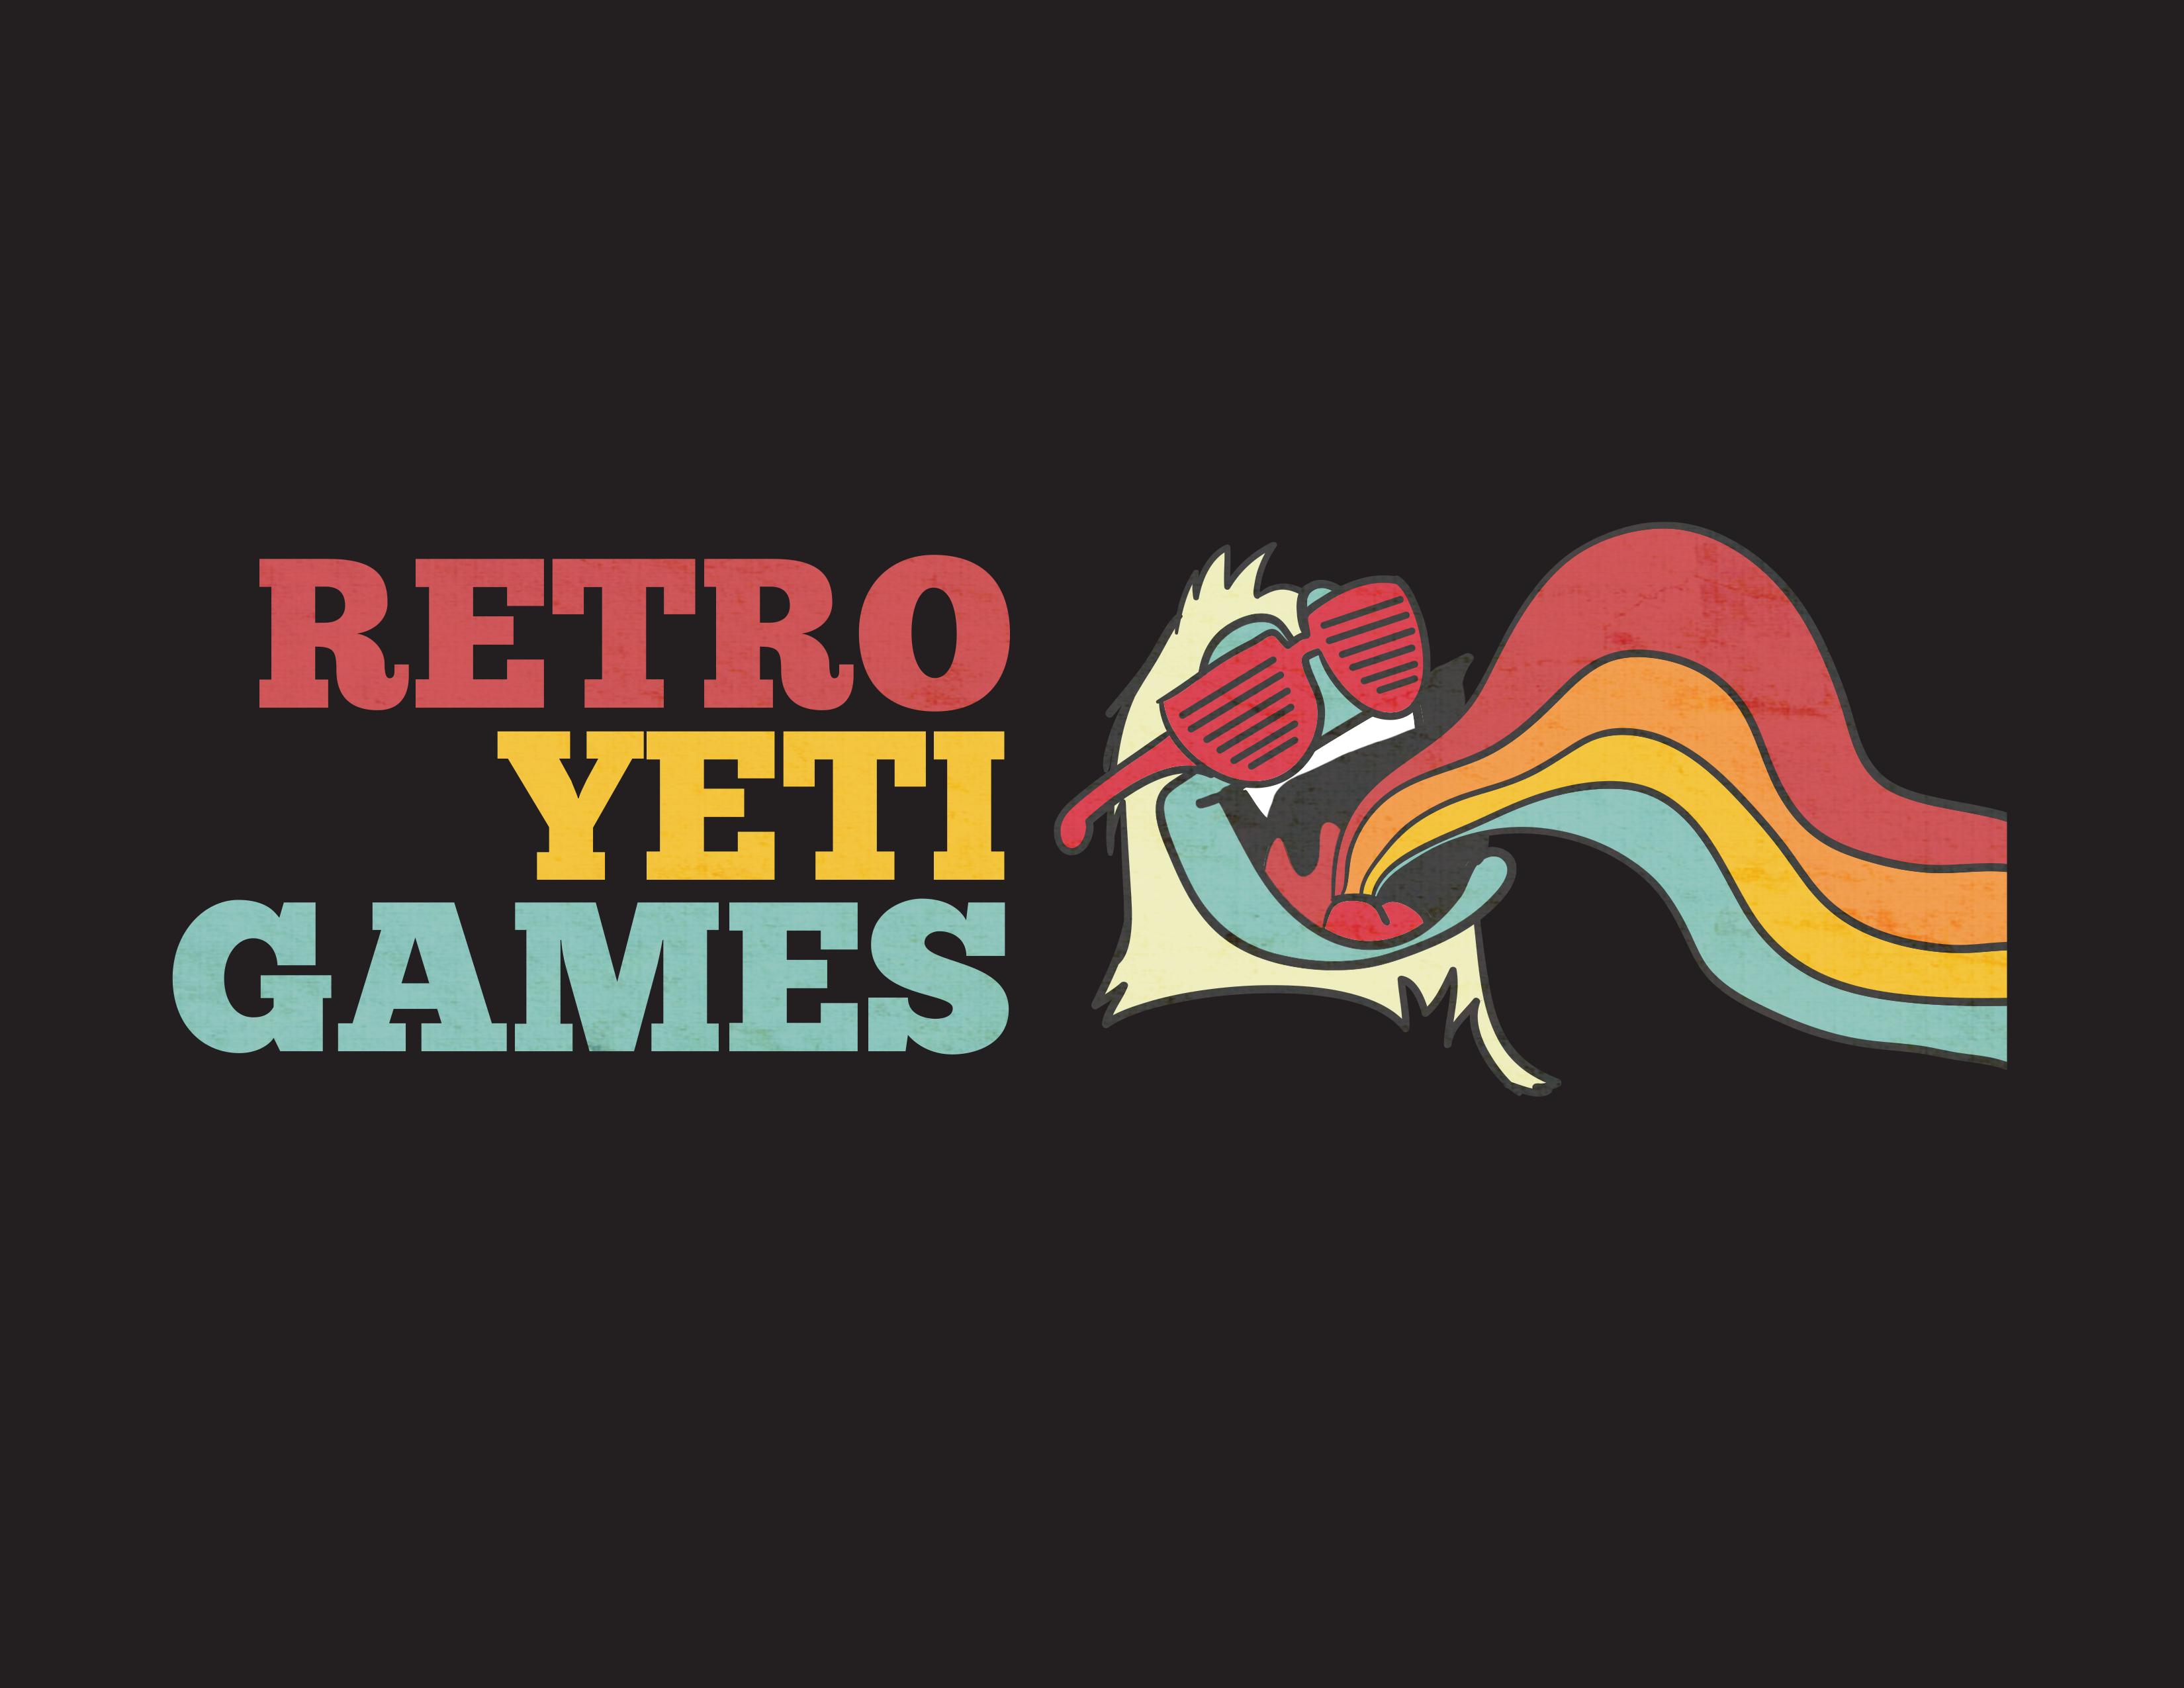 yeti games